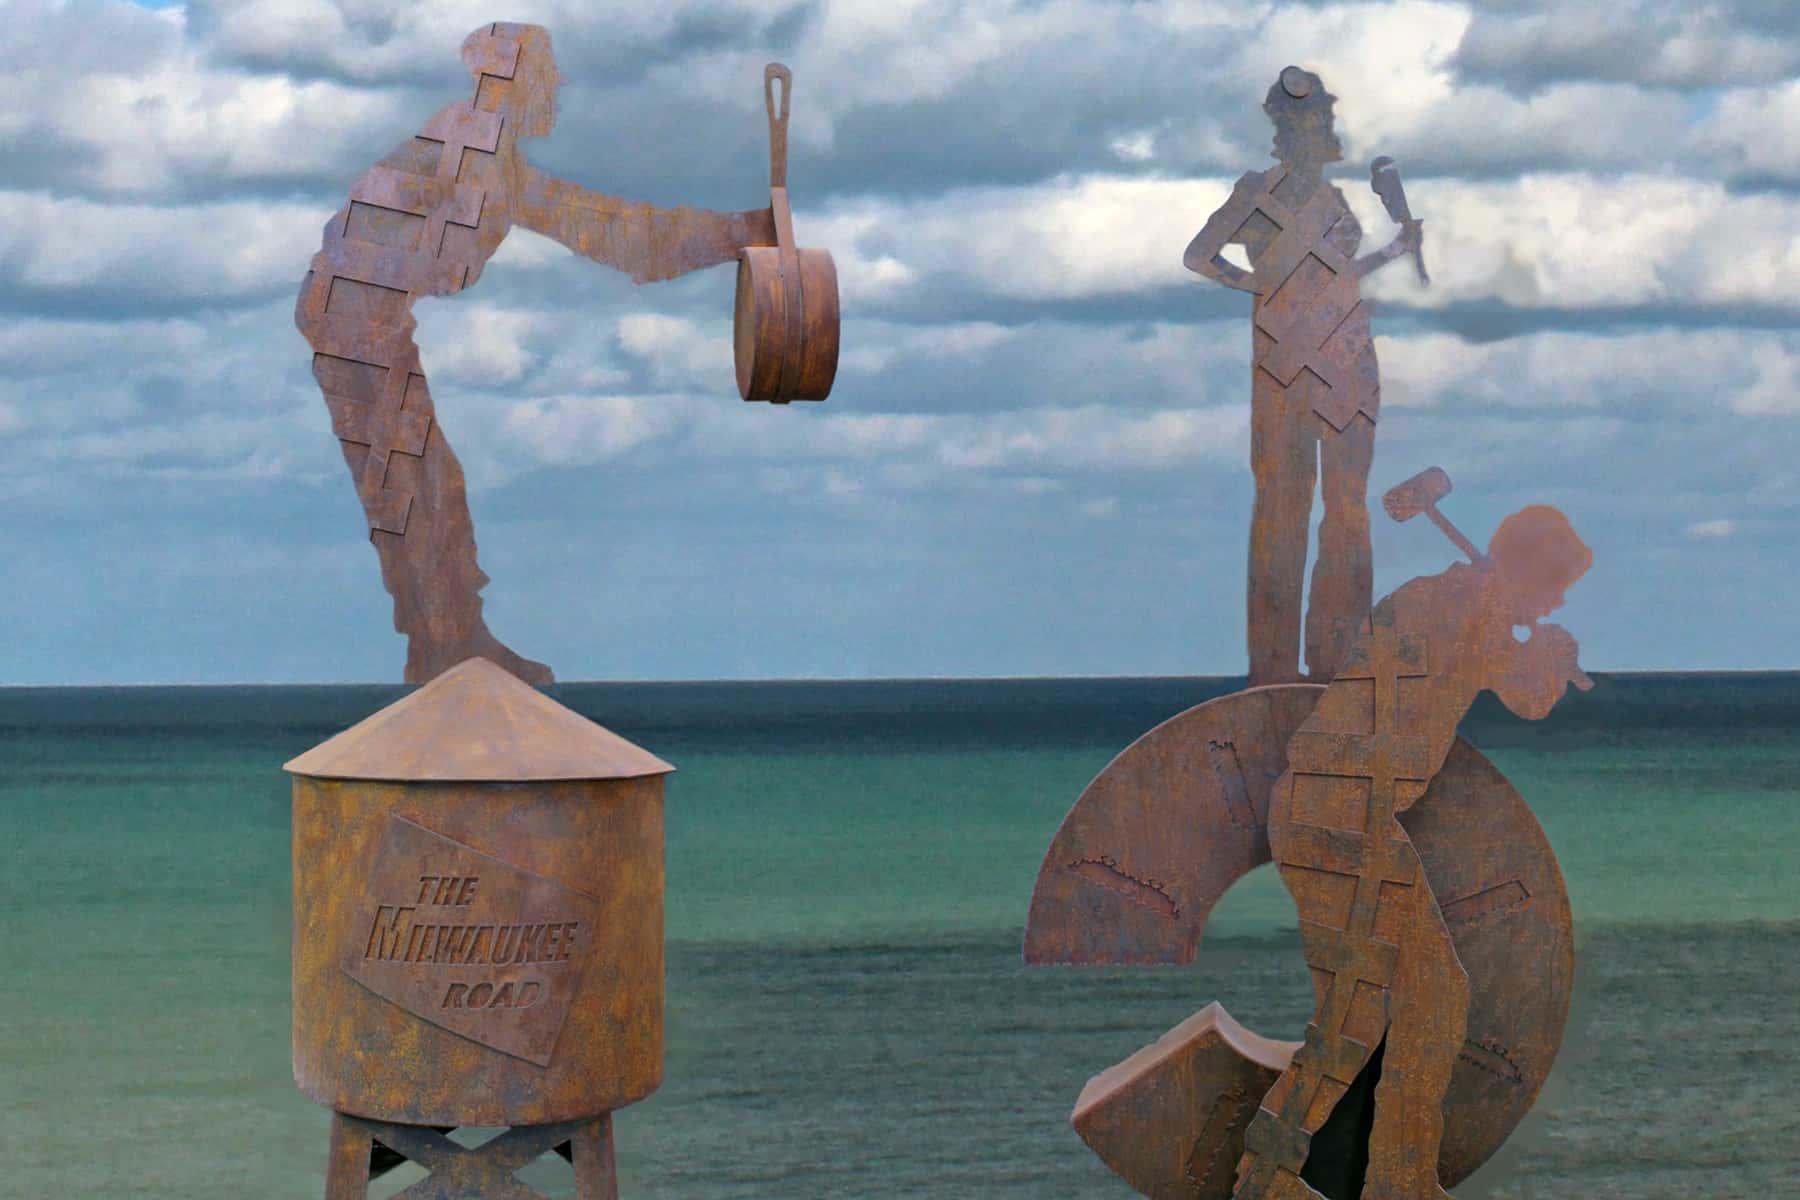 02_042919_peopleroadsculpture_03